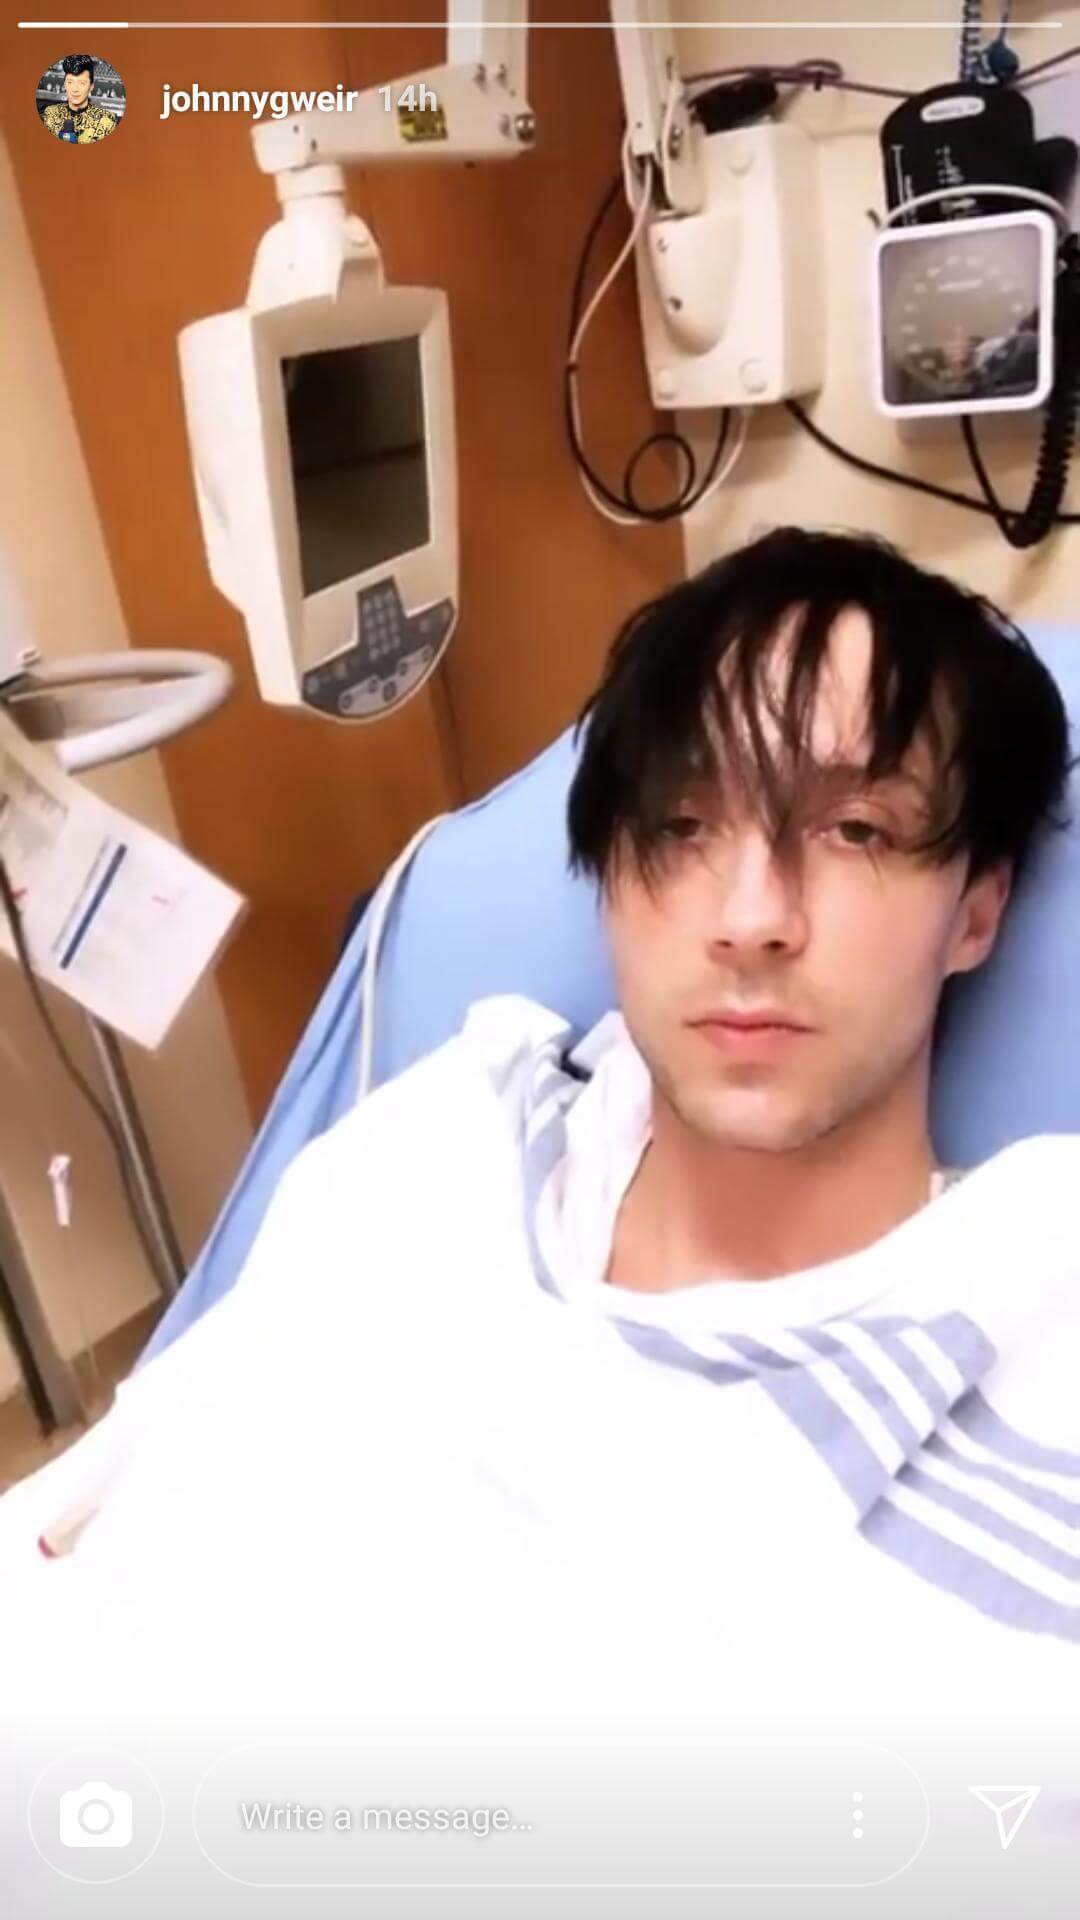 ジョニー・ウィアが入院してて世界選手権には来れてない模様!大丈夫かな?